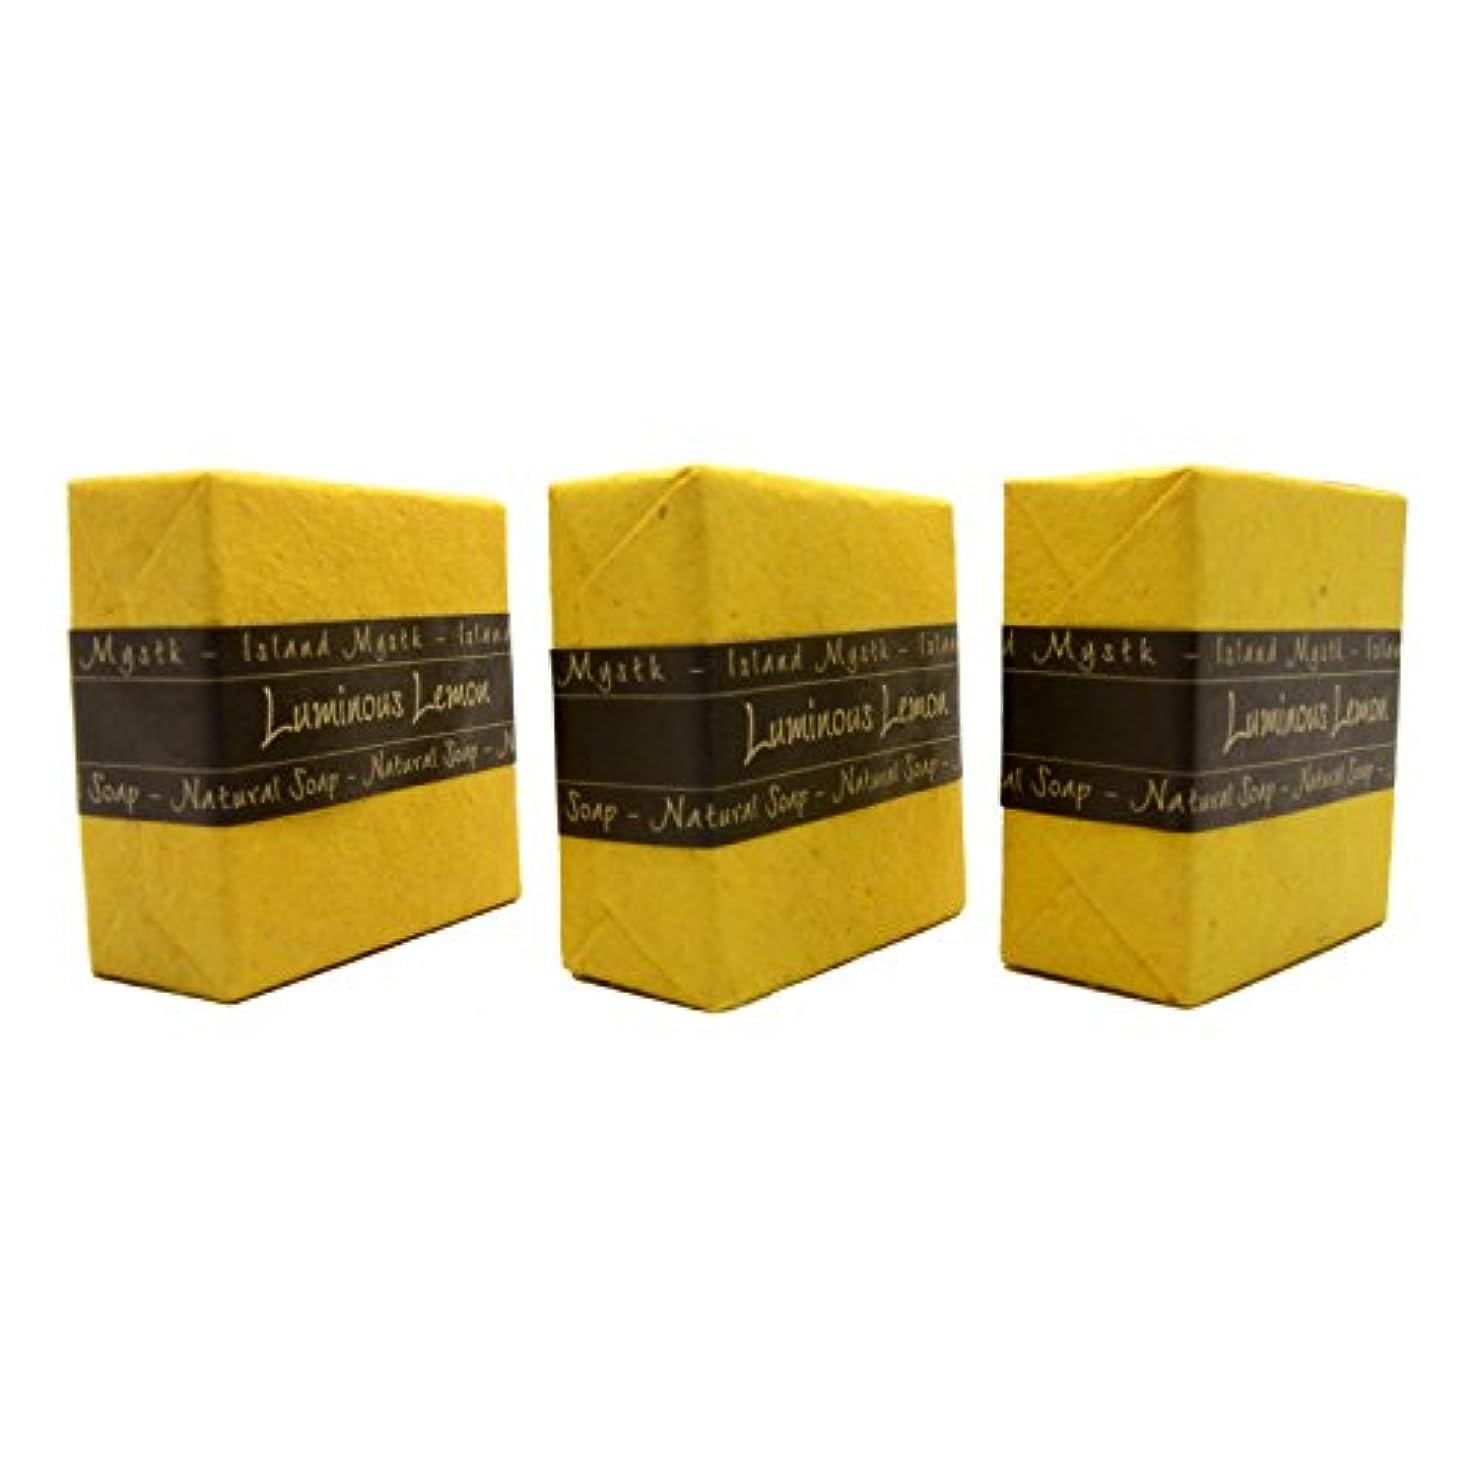 減衰びっくりしたアイランドミスティック ルミナスレモン 3個セット 115g×3 ココナッツ石鹸 バリ島 Island Mystk 天然素材100% 無添加 オーガニック